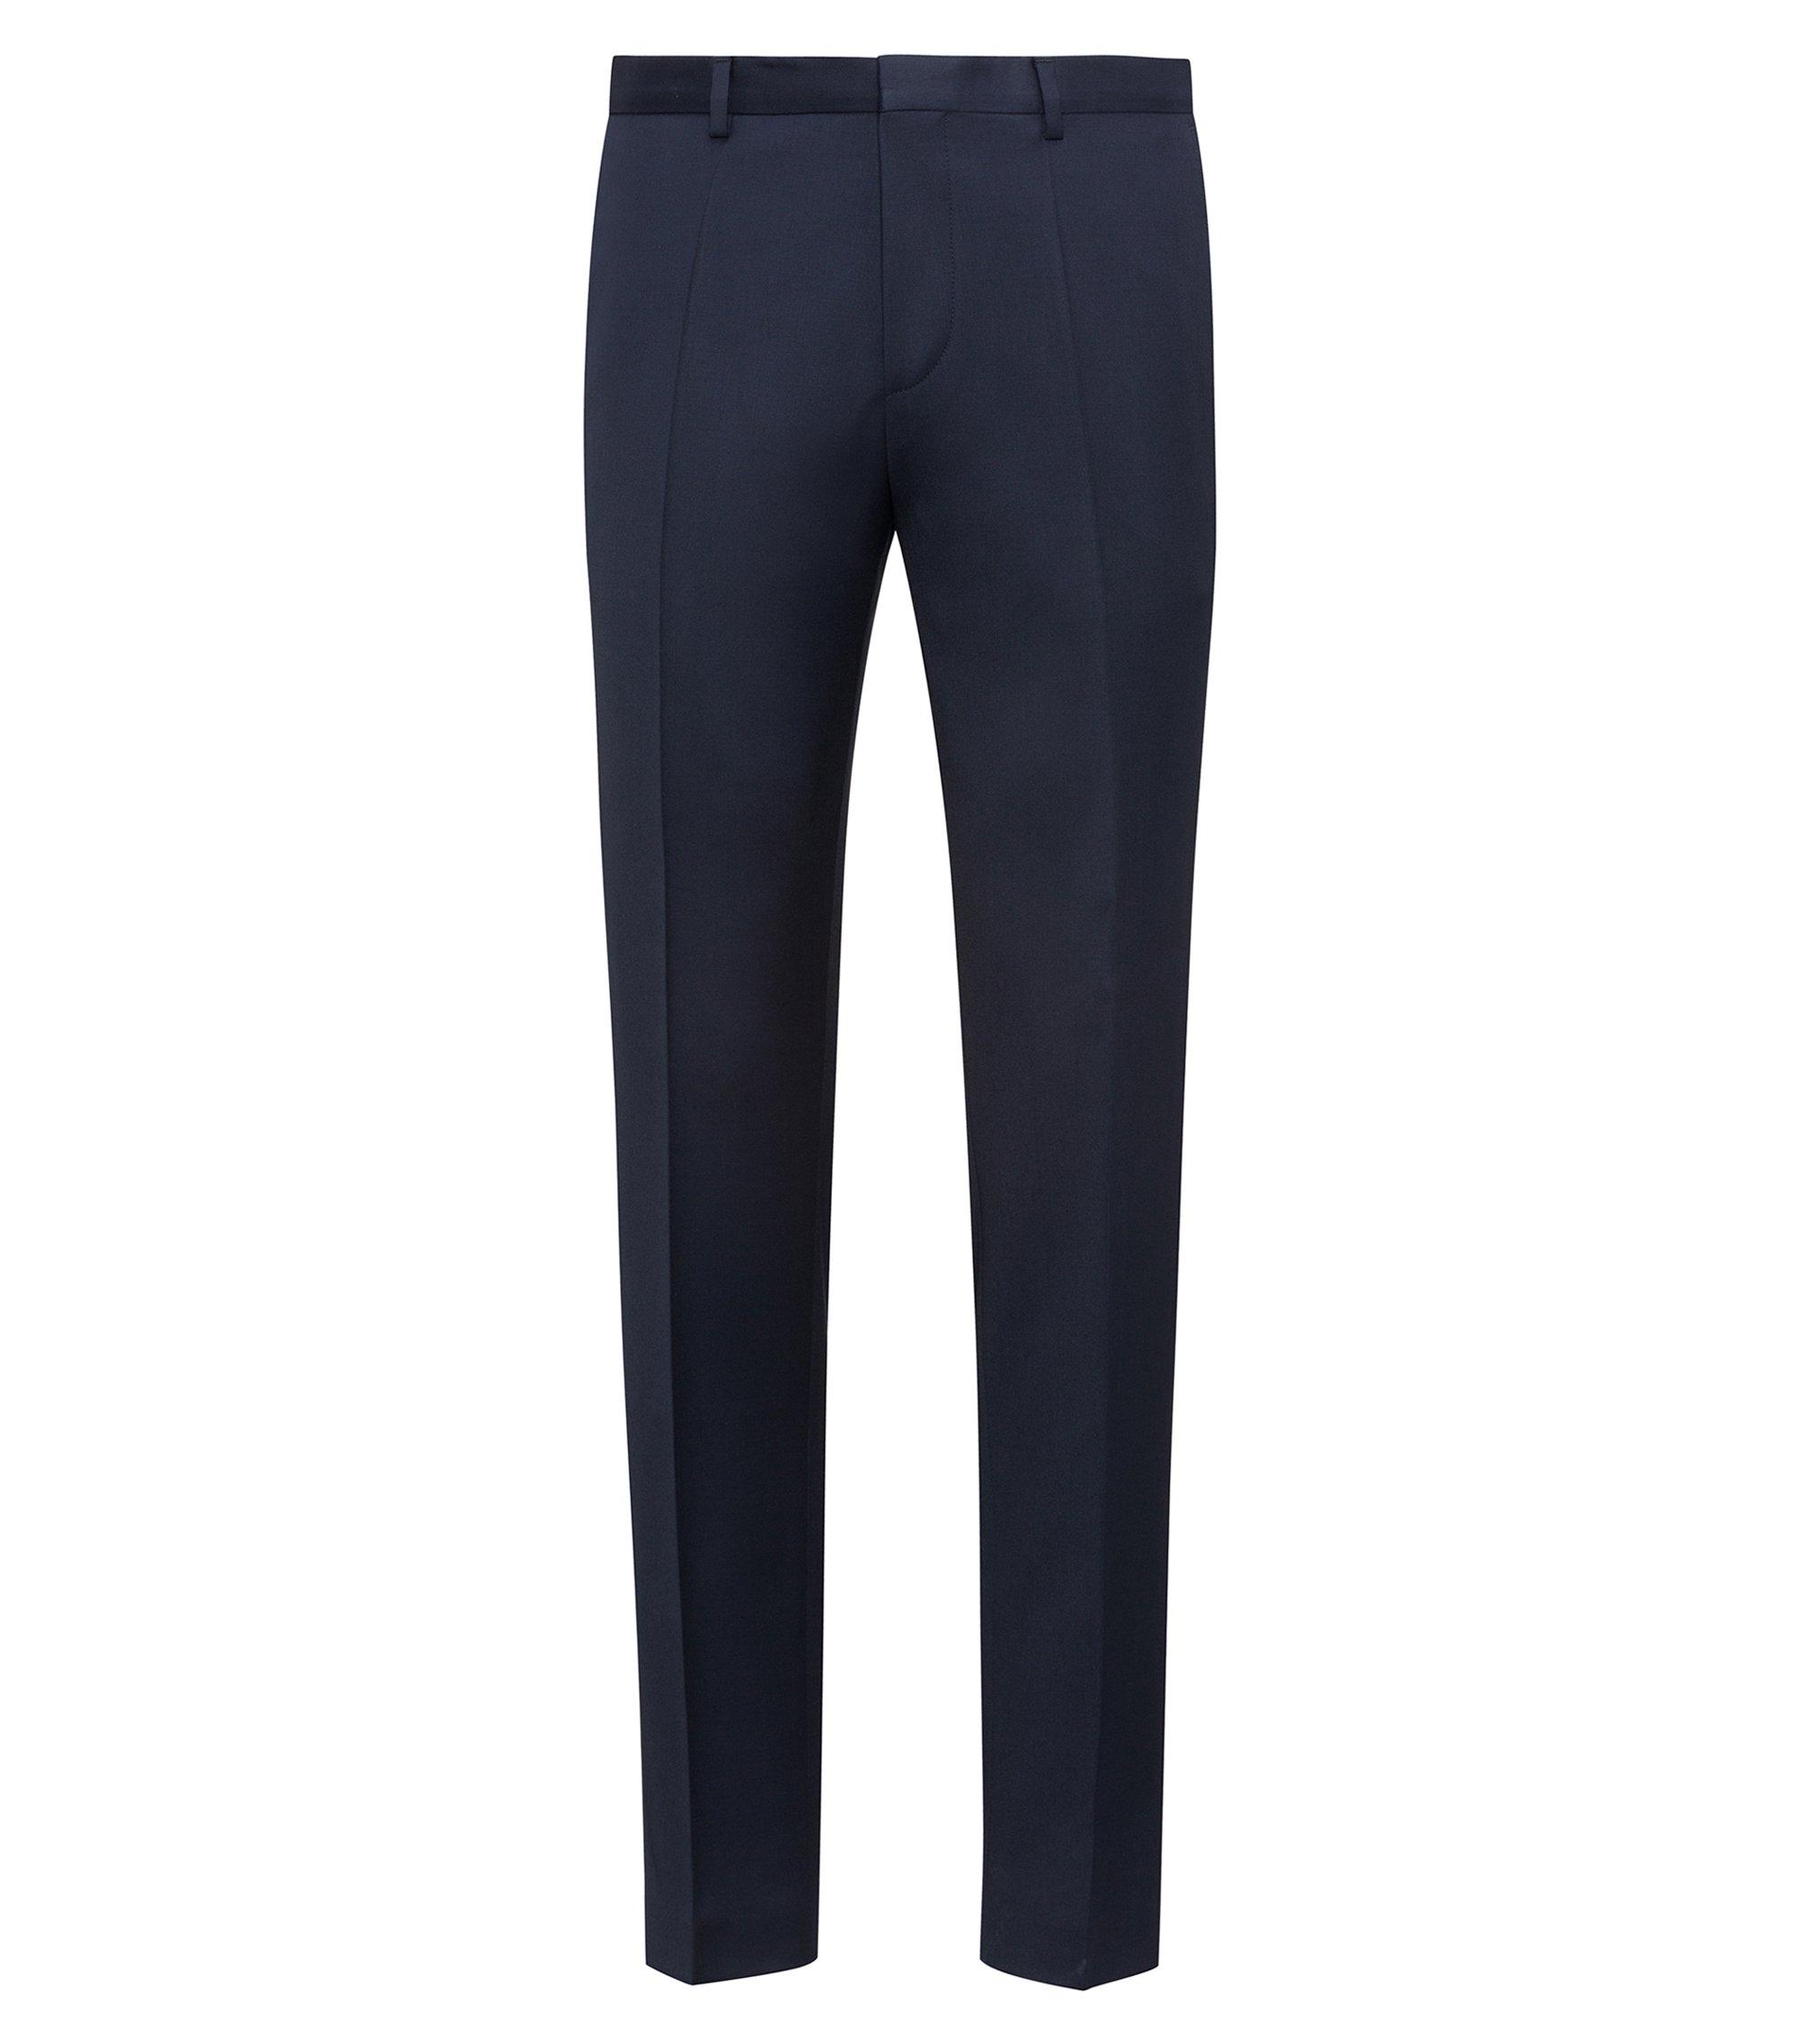 Pantalones extra slim fit en lana virgen teñida con pigmentos, Azul oscuro